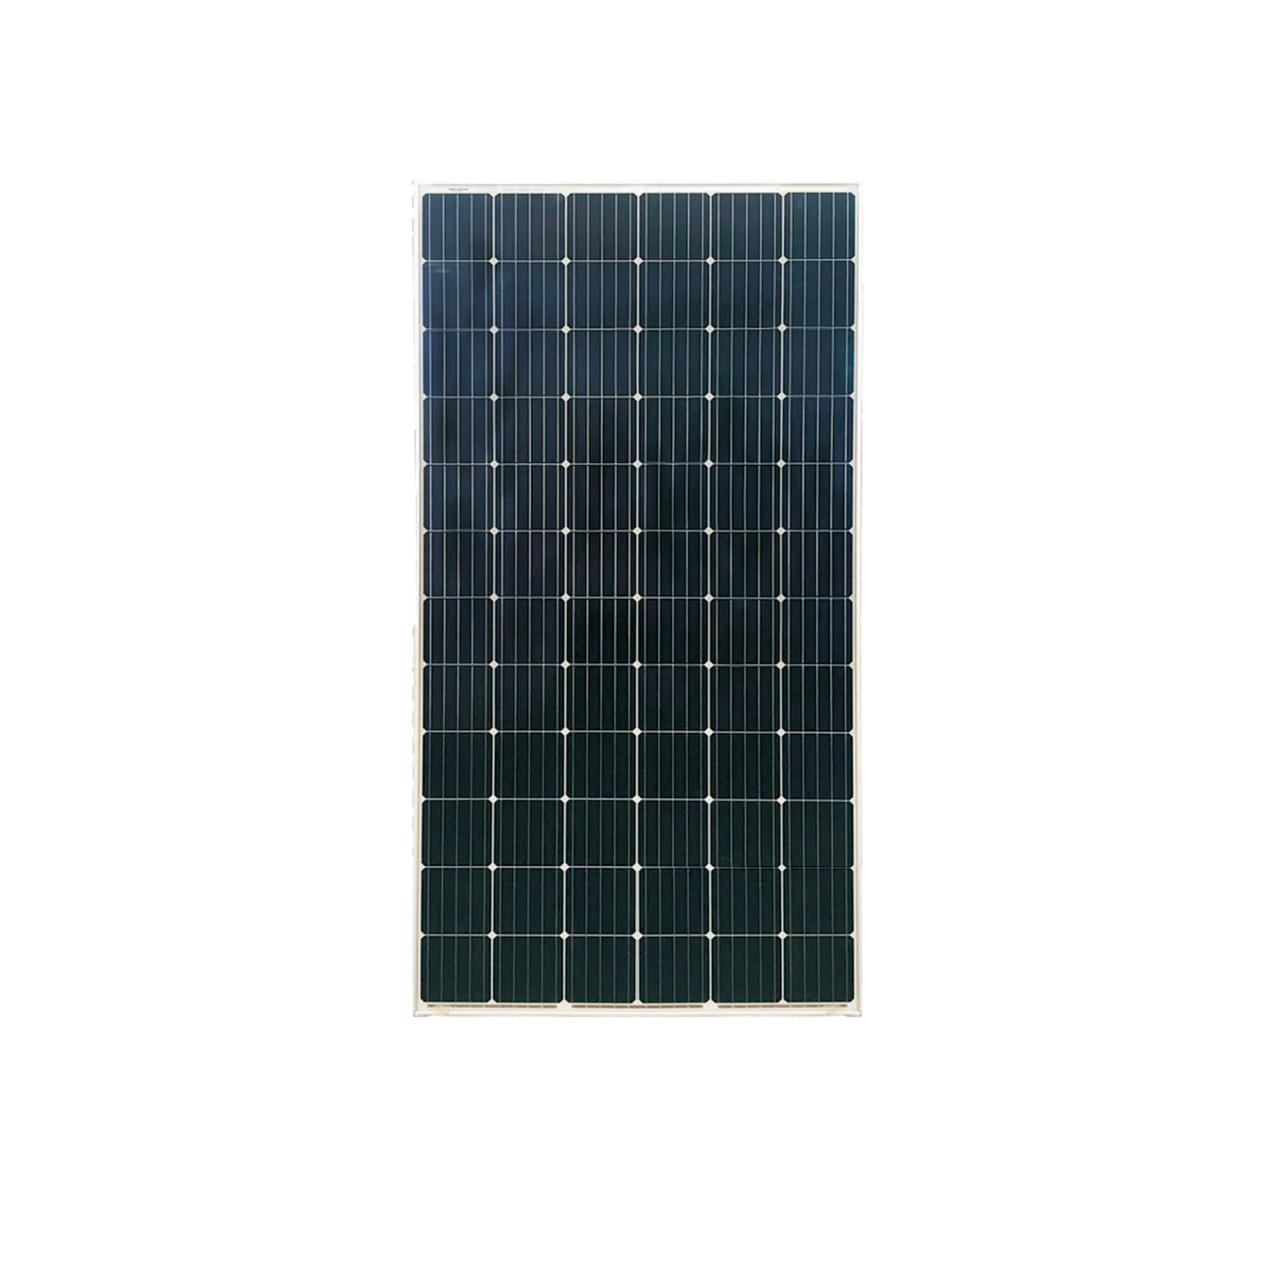 Солнечная батарея Altek ALM72‐6‐365M 5BB PERC, 365 Вт (монокристалл)